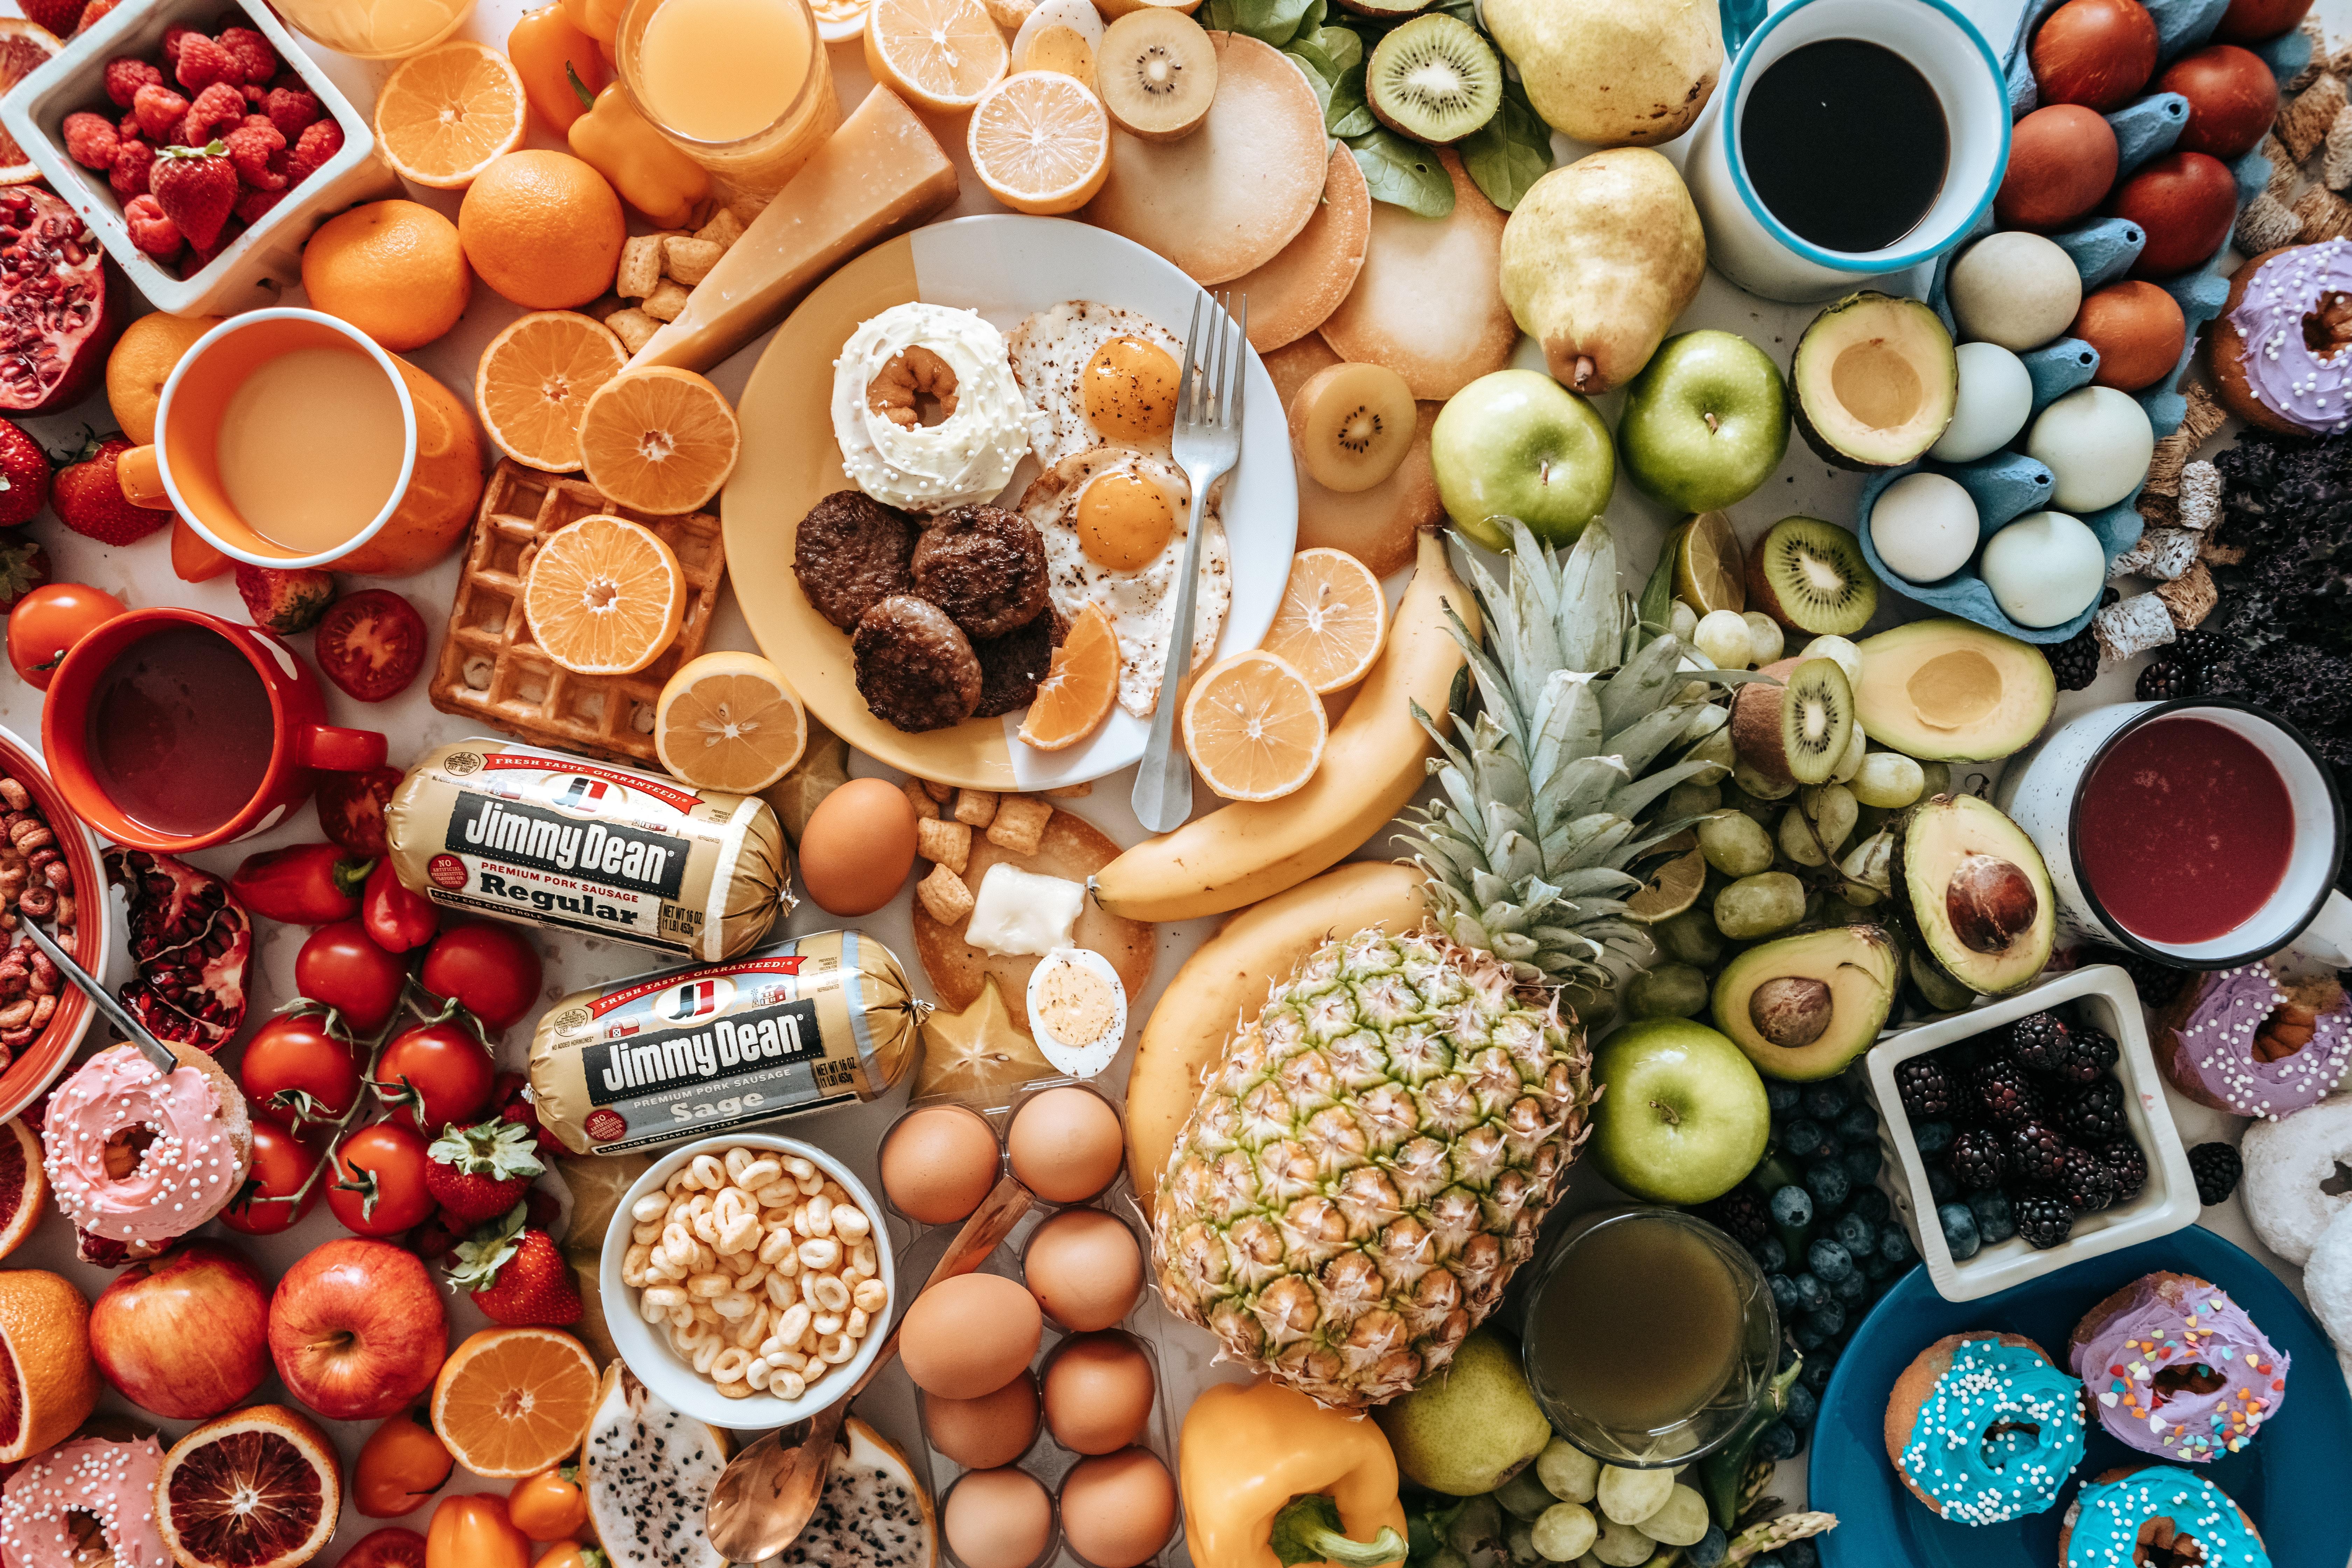 Image: Unsplash/ food